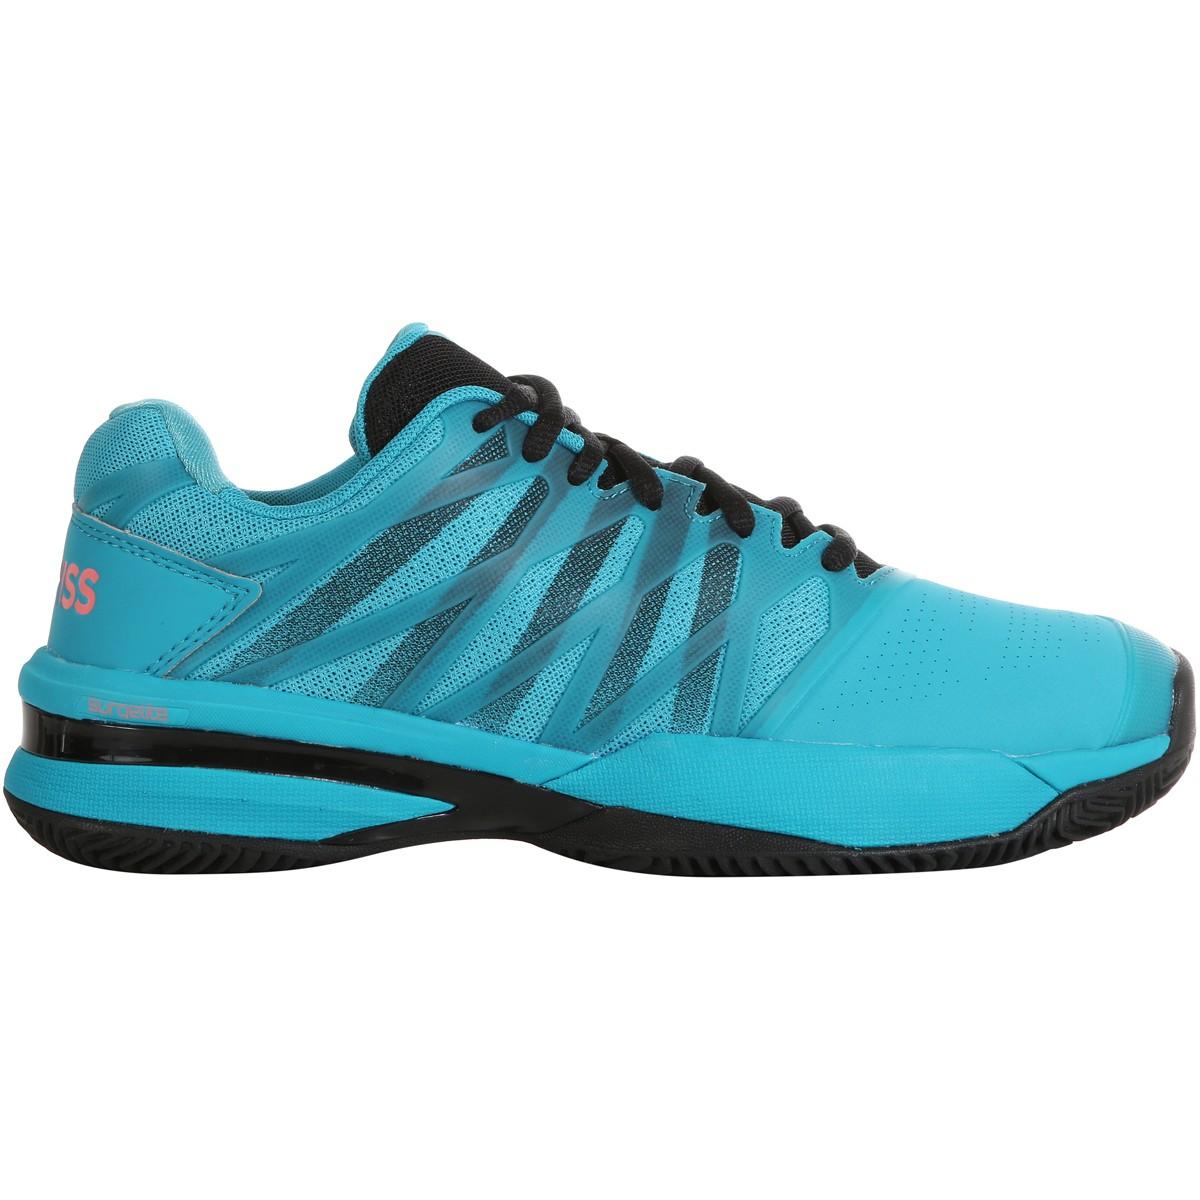 Chaussures k-swiss ultrashot 2 terre battue